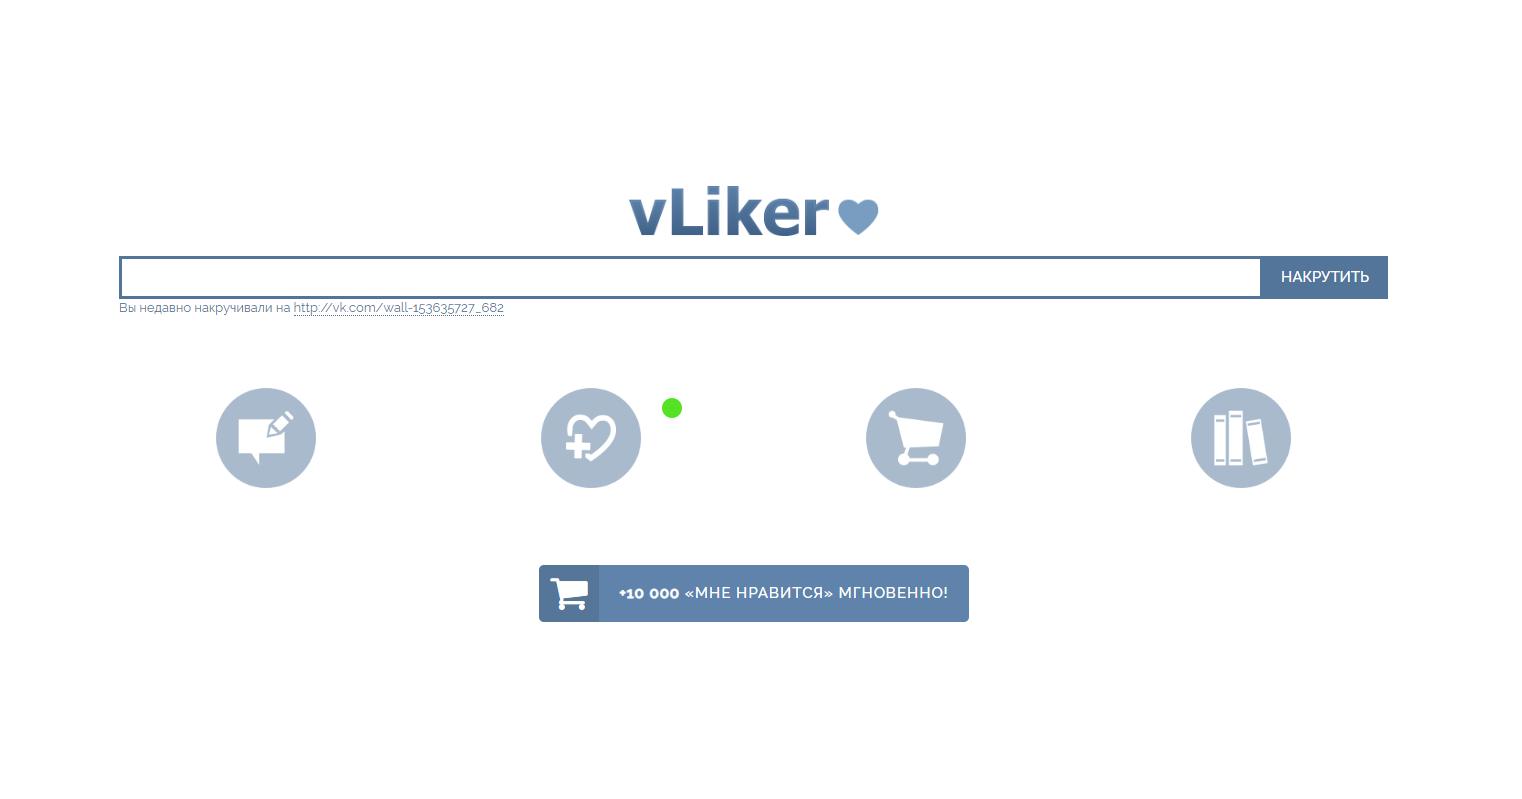 Vliker.ru - еще один сервис бесплатной накрутки